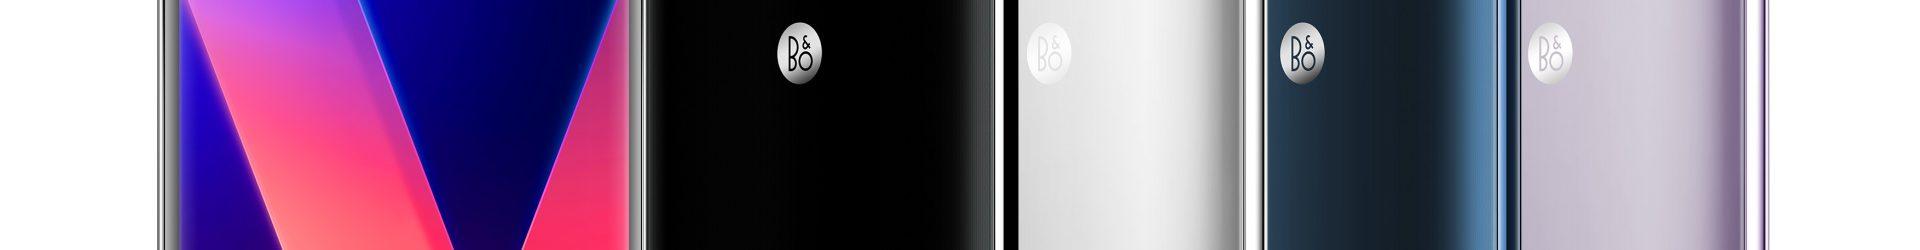 LG V30 presentato ufficialmente: è il vero smartphone top di gamma di LG